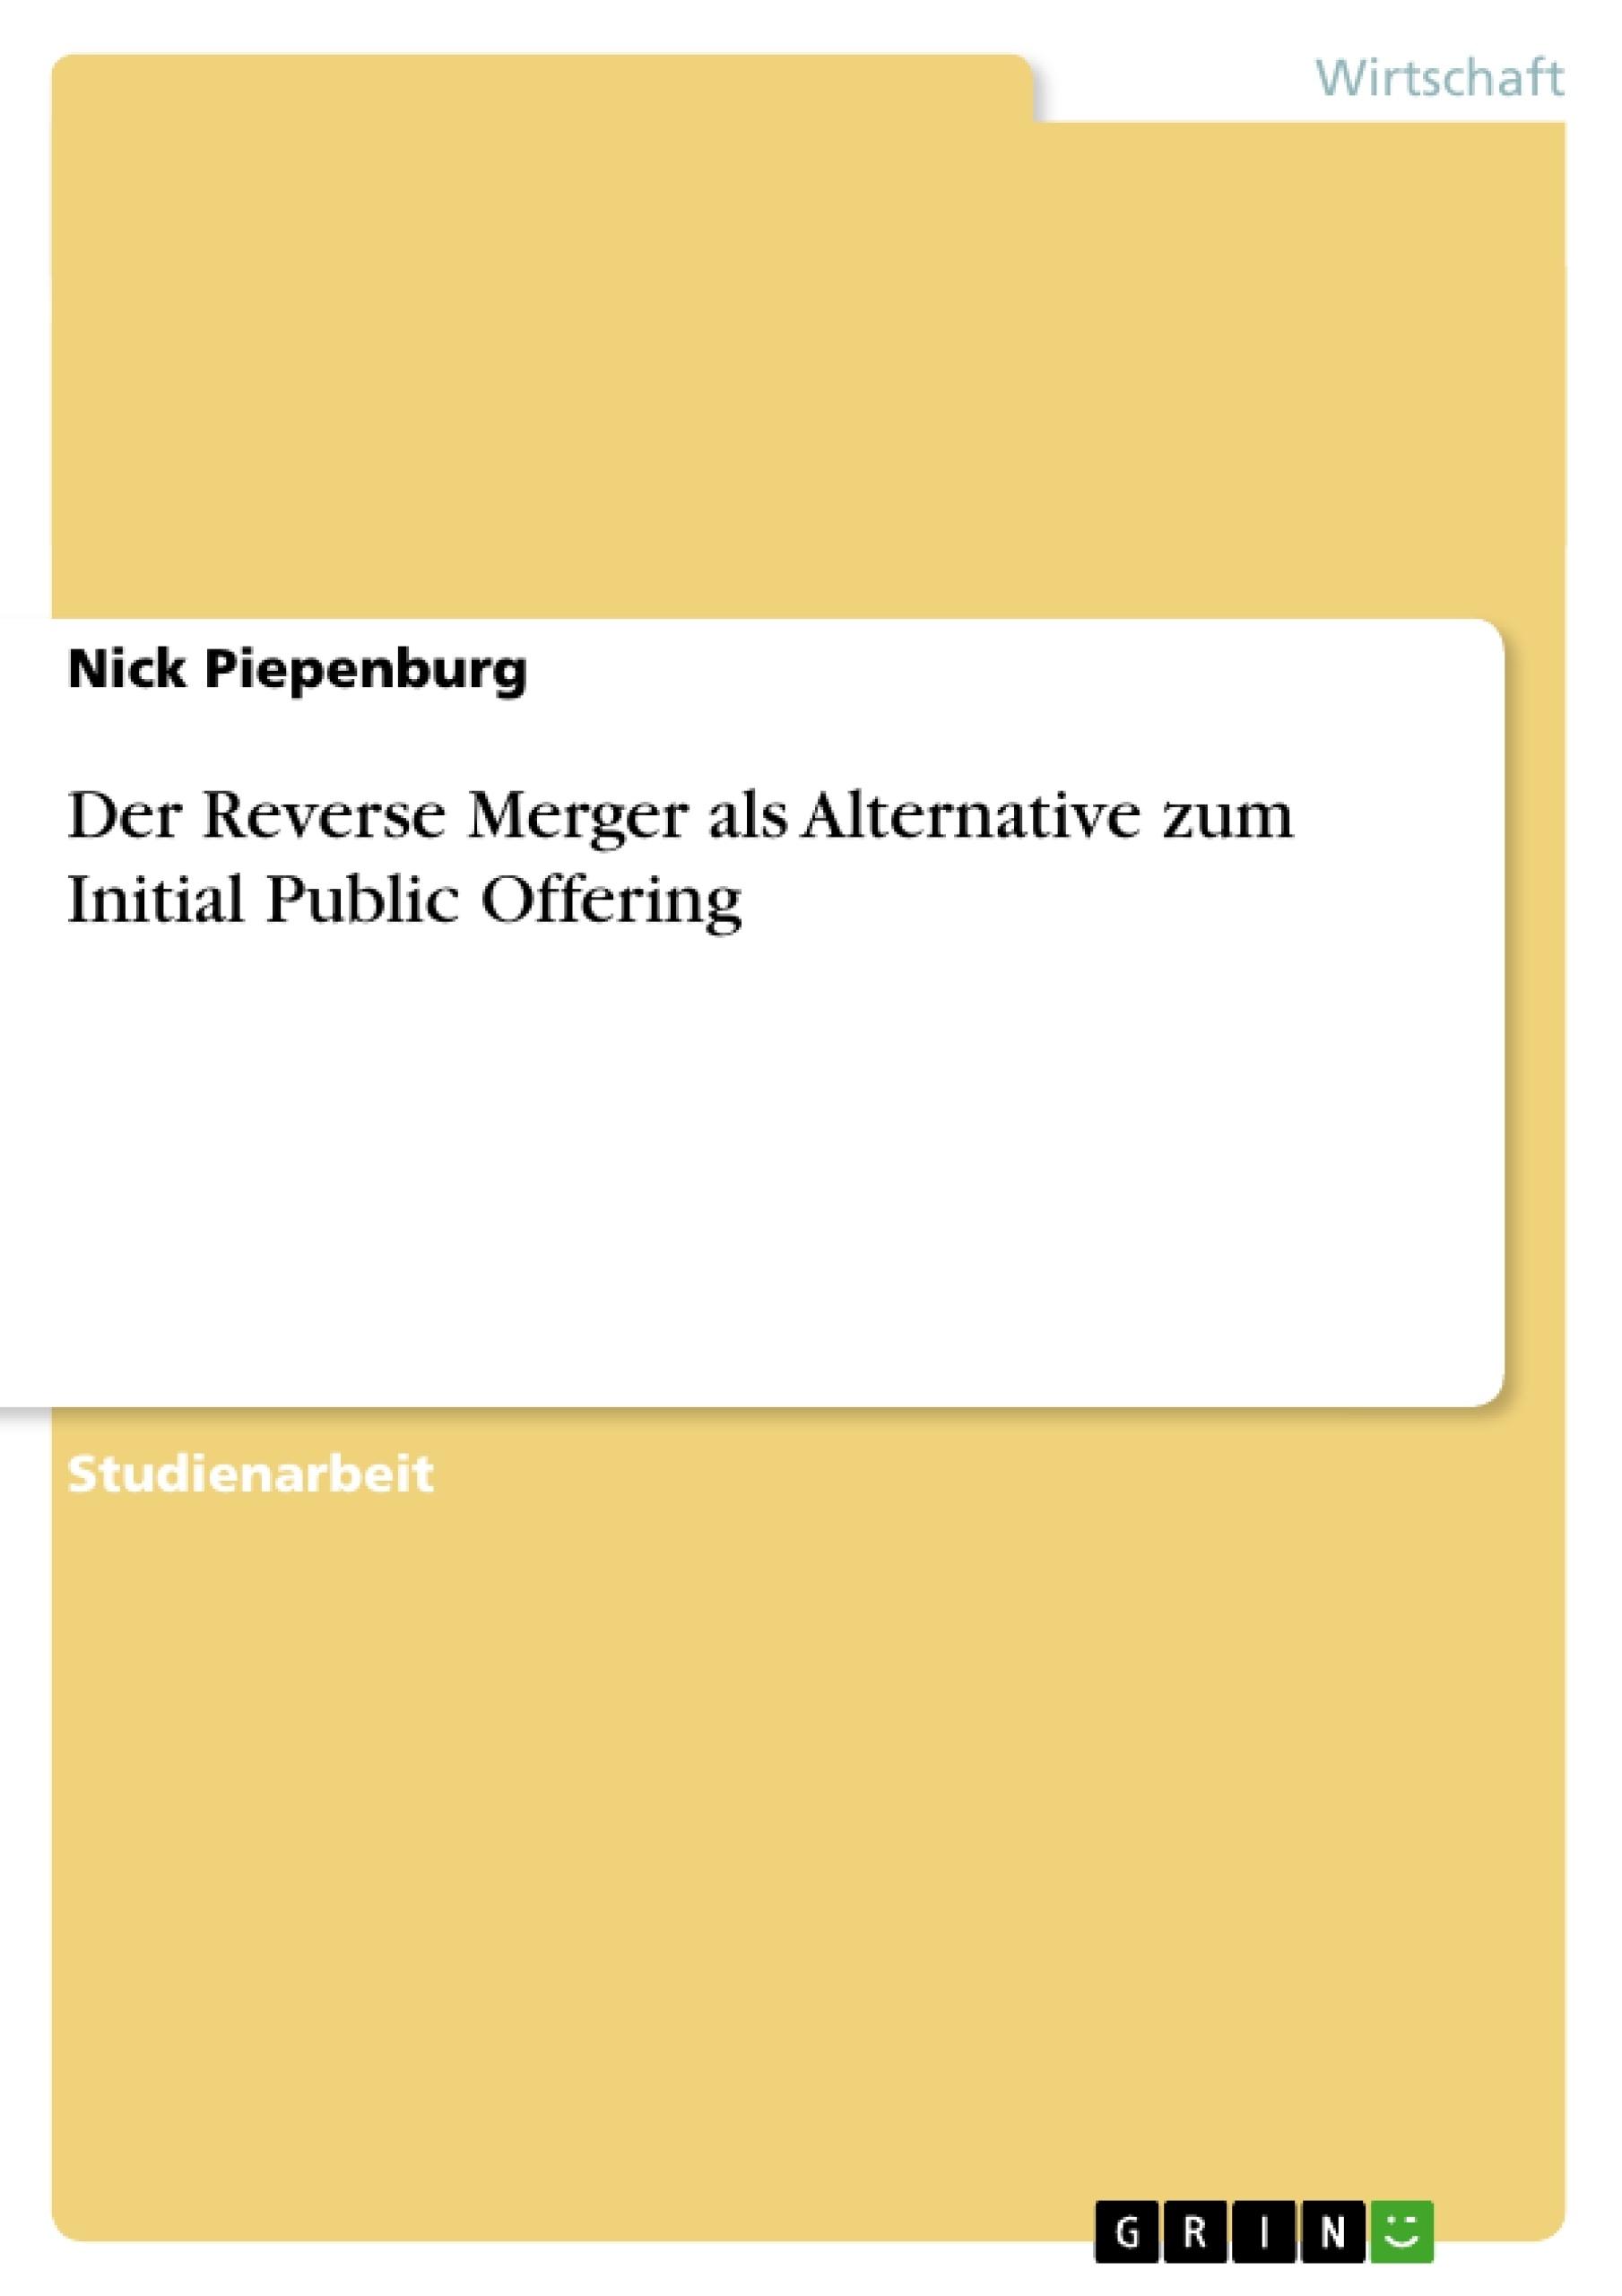 Titel: Der Reverse Merger als Alternative zum Initial Public Offering